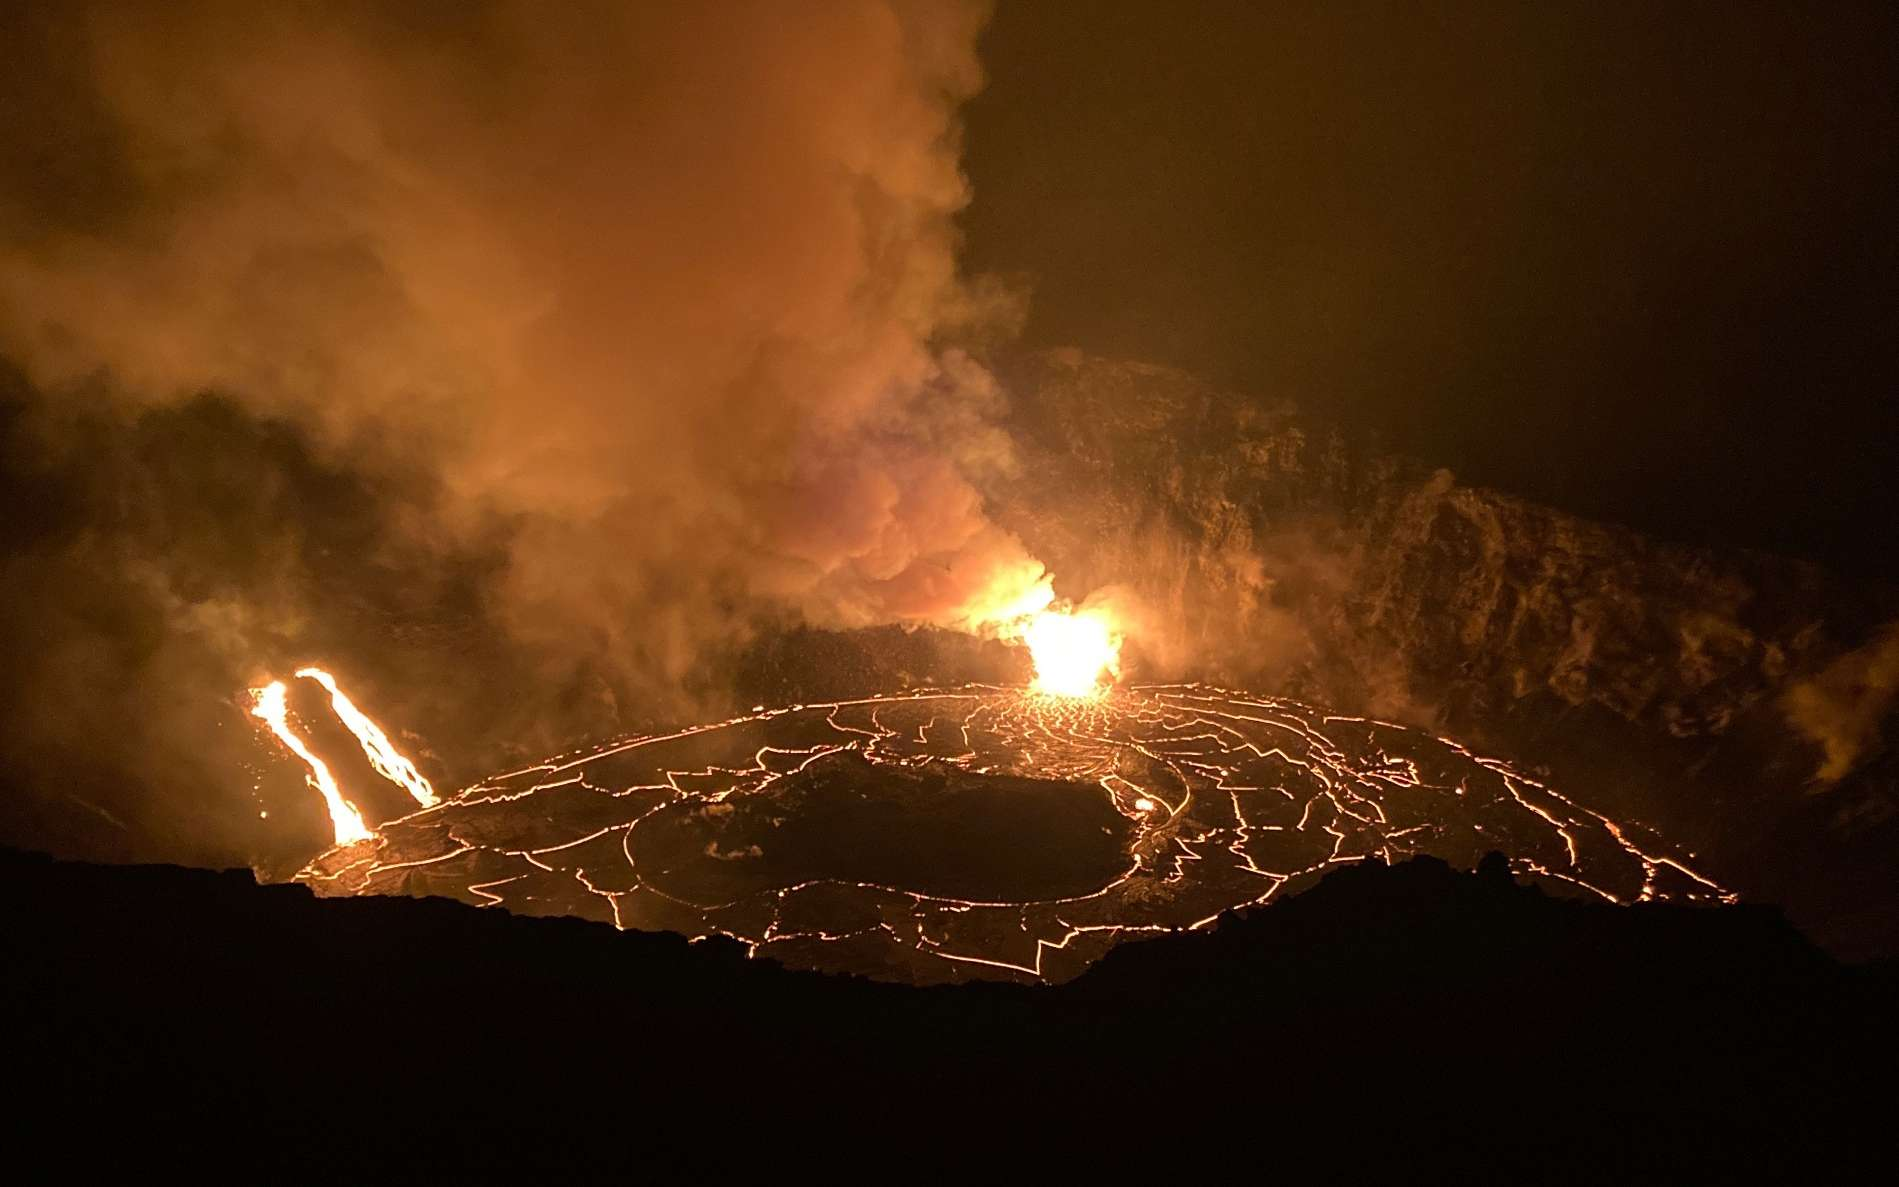 Vers 8 heures, temps local (HST) ce 23 décembre 2020 à Hawaï, les équipes de terrain du HVO ont noté que la surface du lac de lave du sommet du Kīlauea se trouve maintenant à 464 mètres sous le site d'observation du bord du cratère, indiquant que le lac a rempli un volume de 156 m de haut depuis le fond du cratère Halema'uma'u. La profondeur actuelle est plus du triple de la profondeur du lac d'eau qui était dans le cratère jusqu'au soir du 20 décembre 2020 quand il a été vaporisé. Des fontaines de lave se poursuivaient à deux endroits le 23 décembre quand cette photo a été prise vers 5 h 30 HST. © Photo de l'USGS par H. Dietterich.